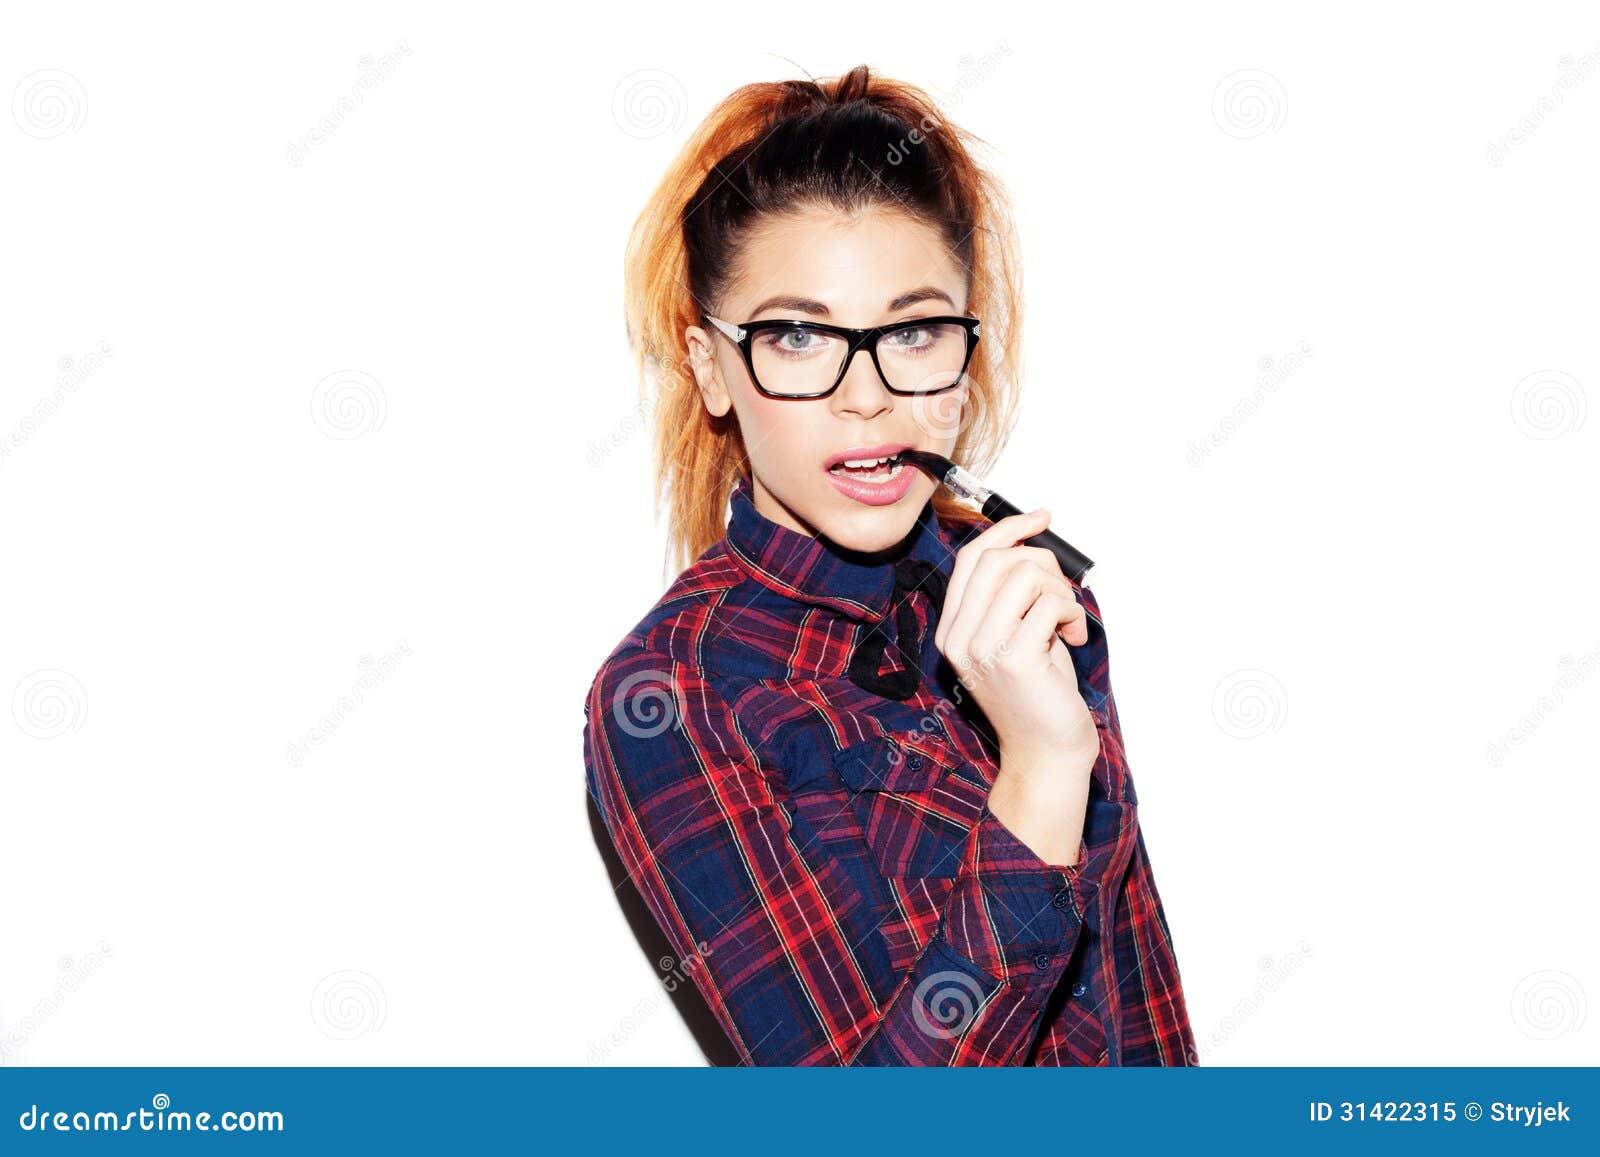 White nerdy girl